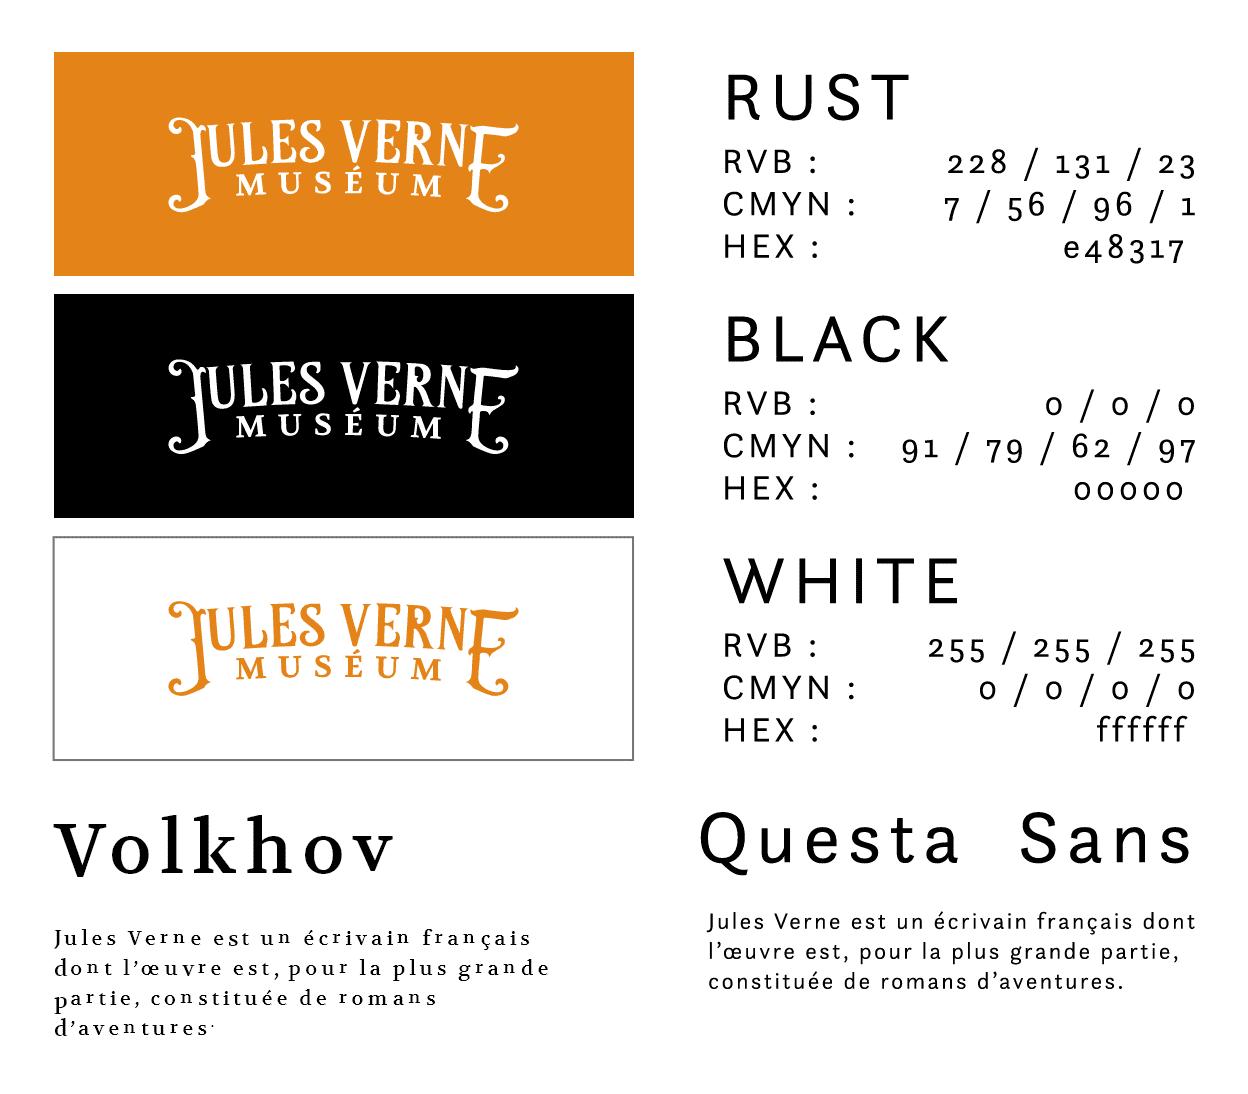 Musée Jules Verne 3 - Arnaud Le Roux - Directeur Artistique Digital & Développeur Front-End